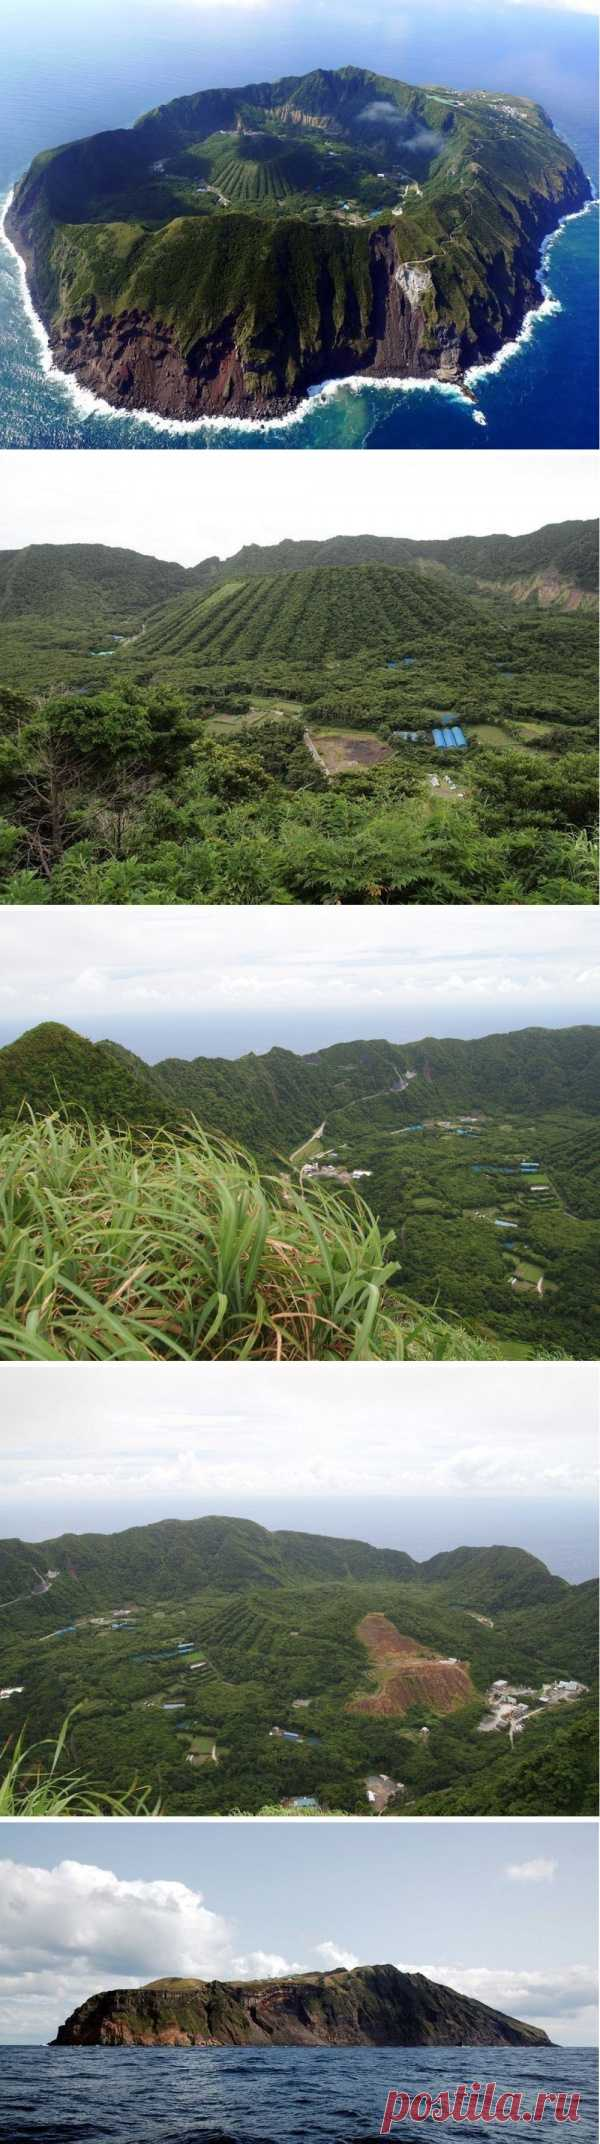 Жизнь внутри вулкана! Обитаемый остров Огашима, Япония